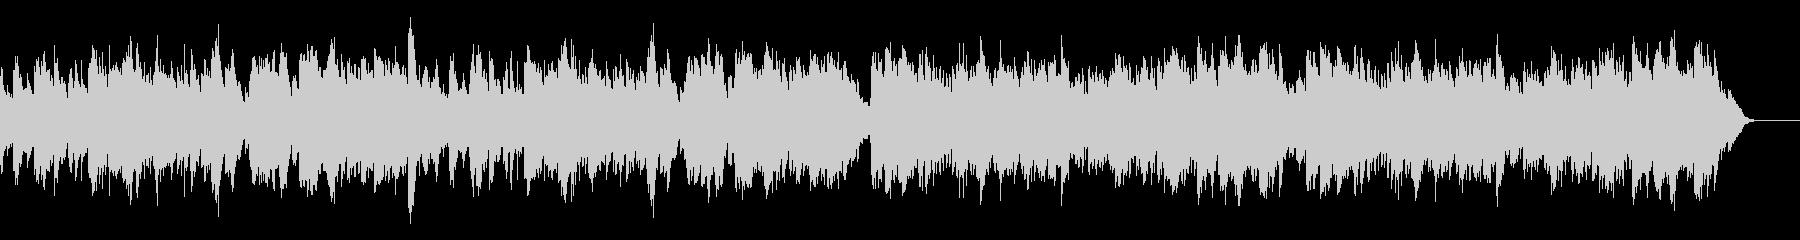 ゴルトベルク変奏曲variation2の未再生の波形